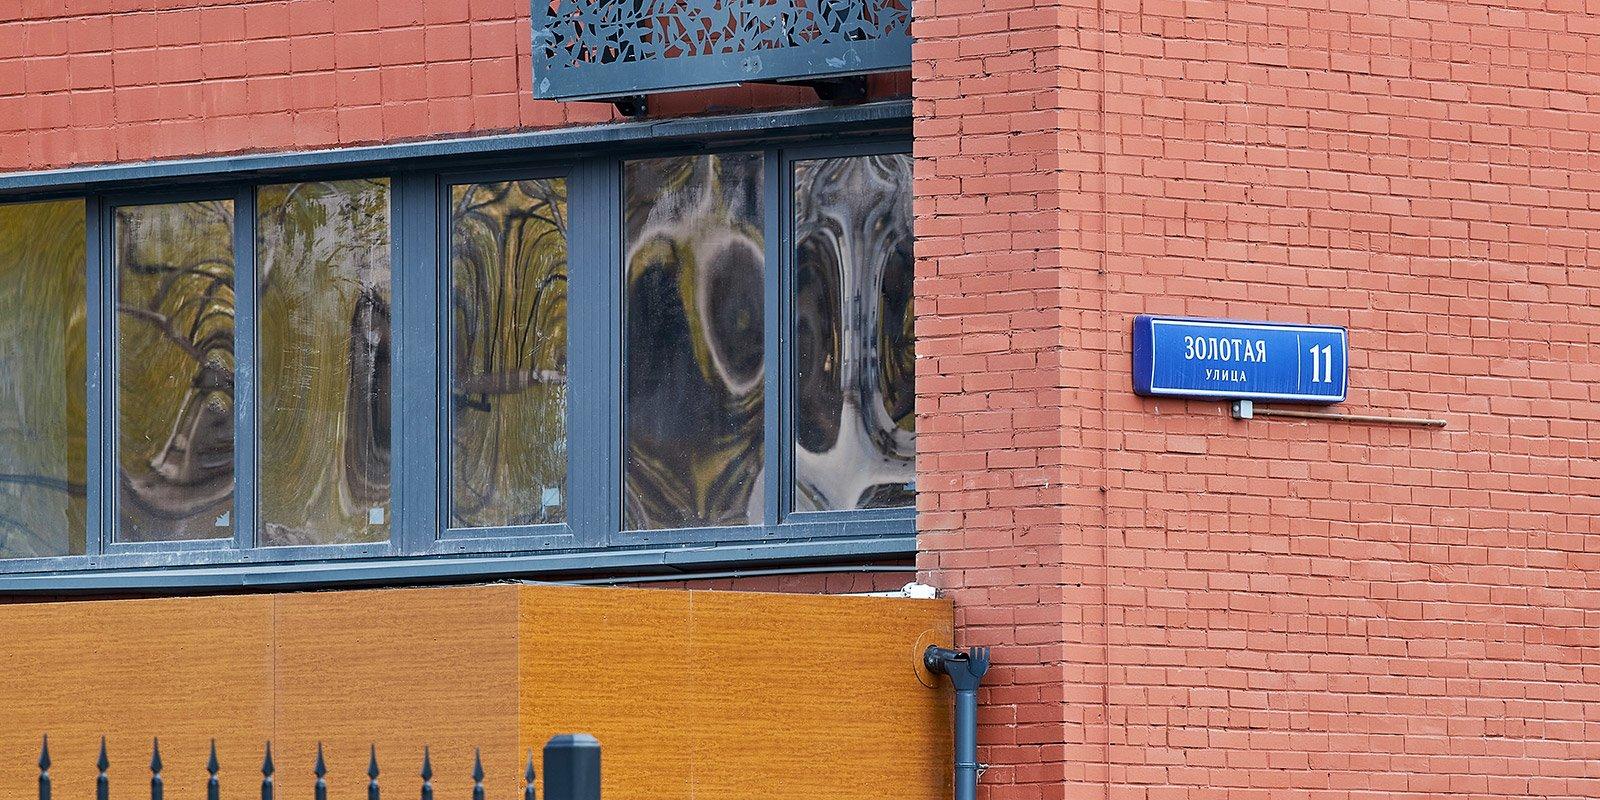 Золотая улица. Фото: mos.ru. Максим Денисов